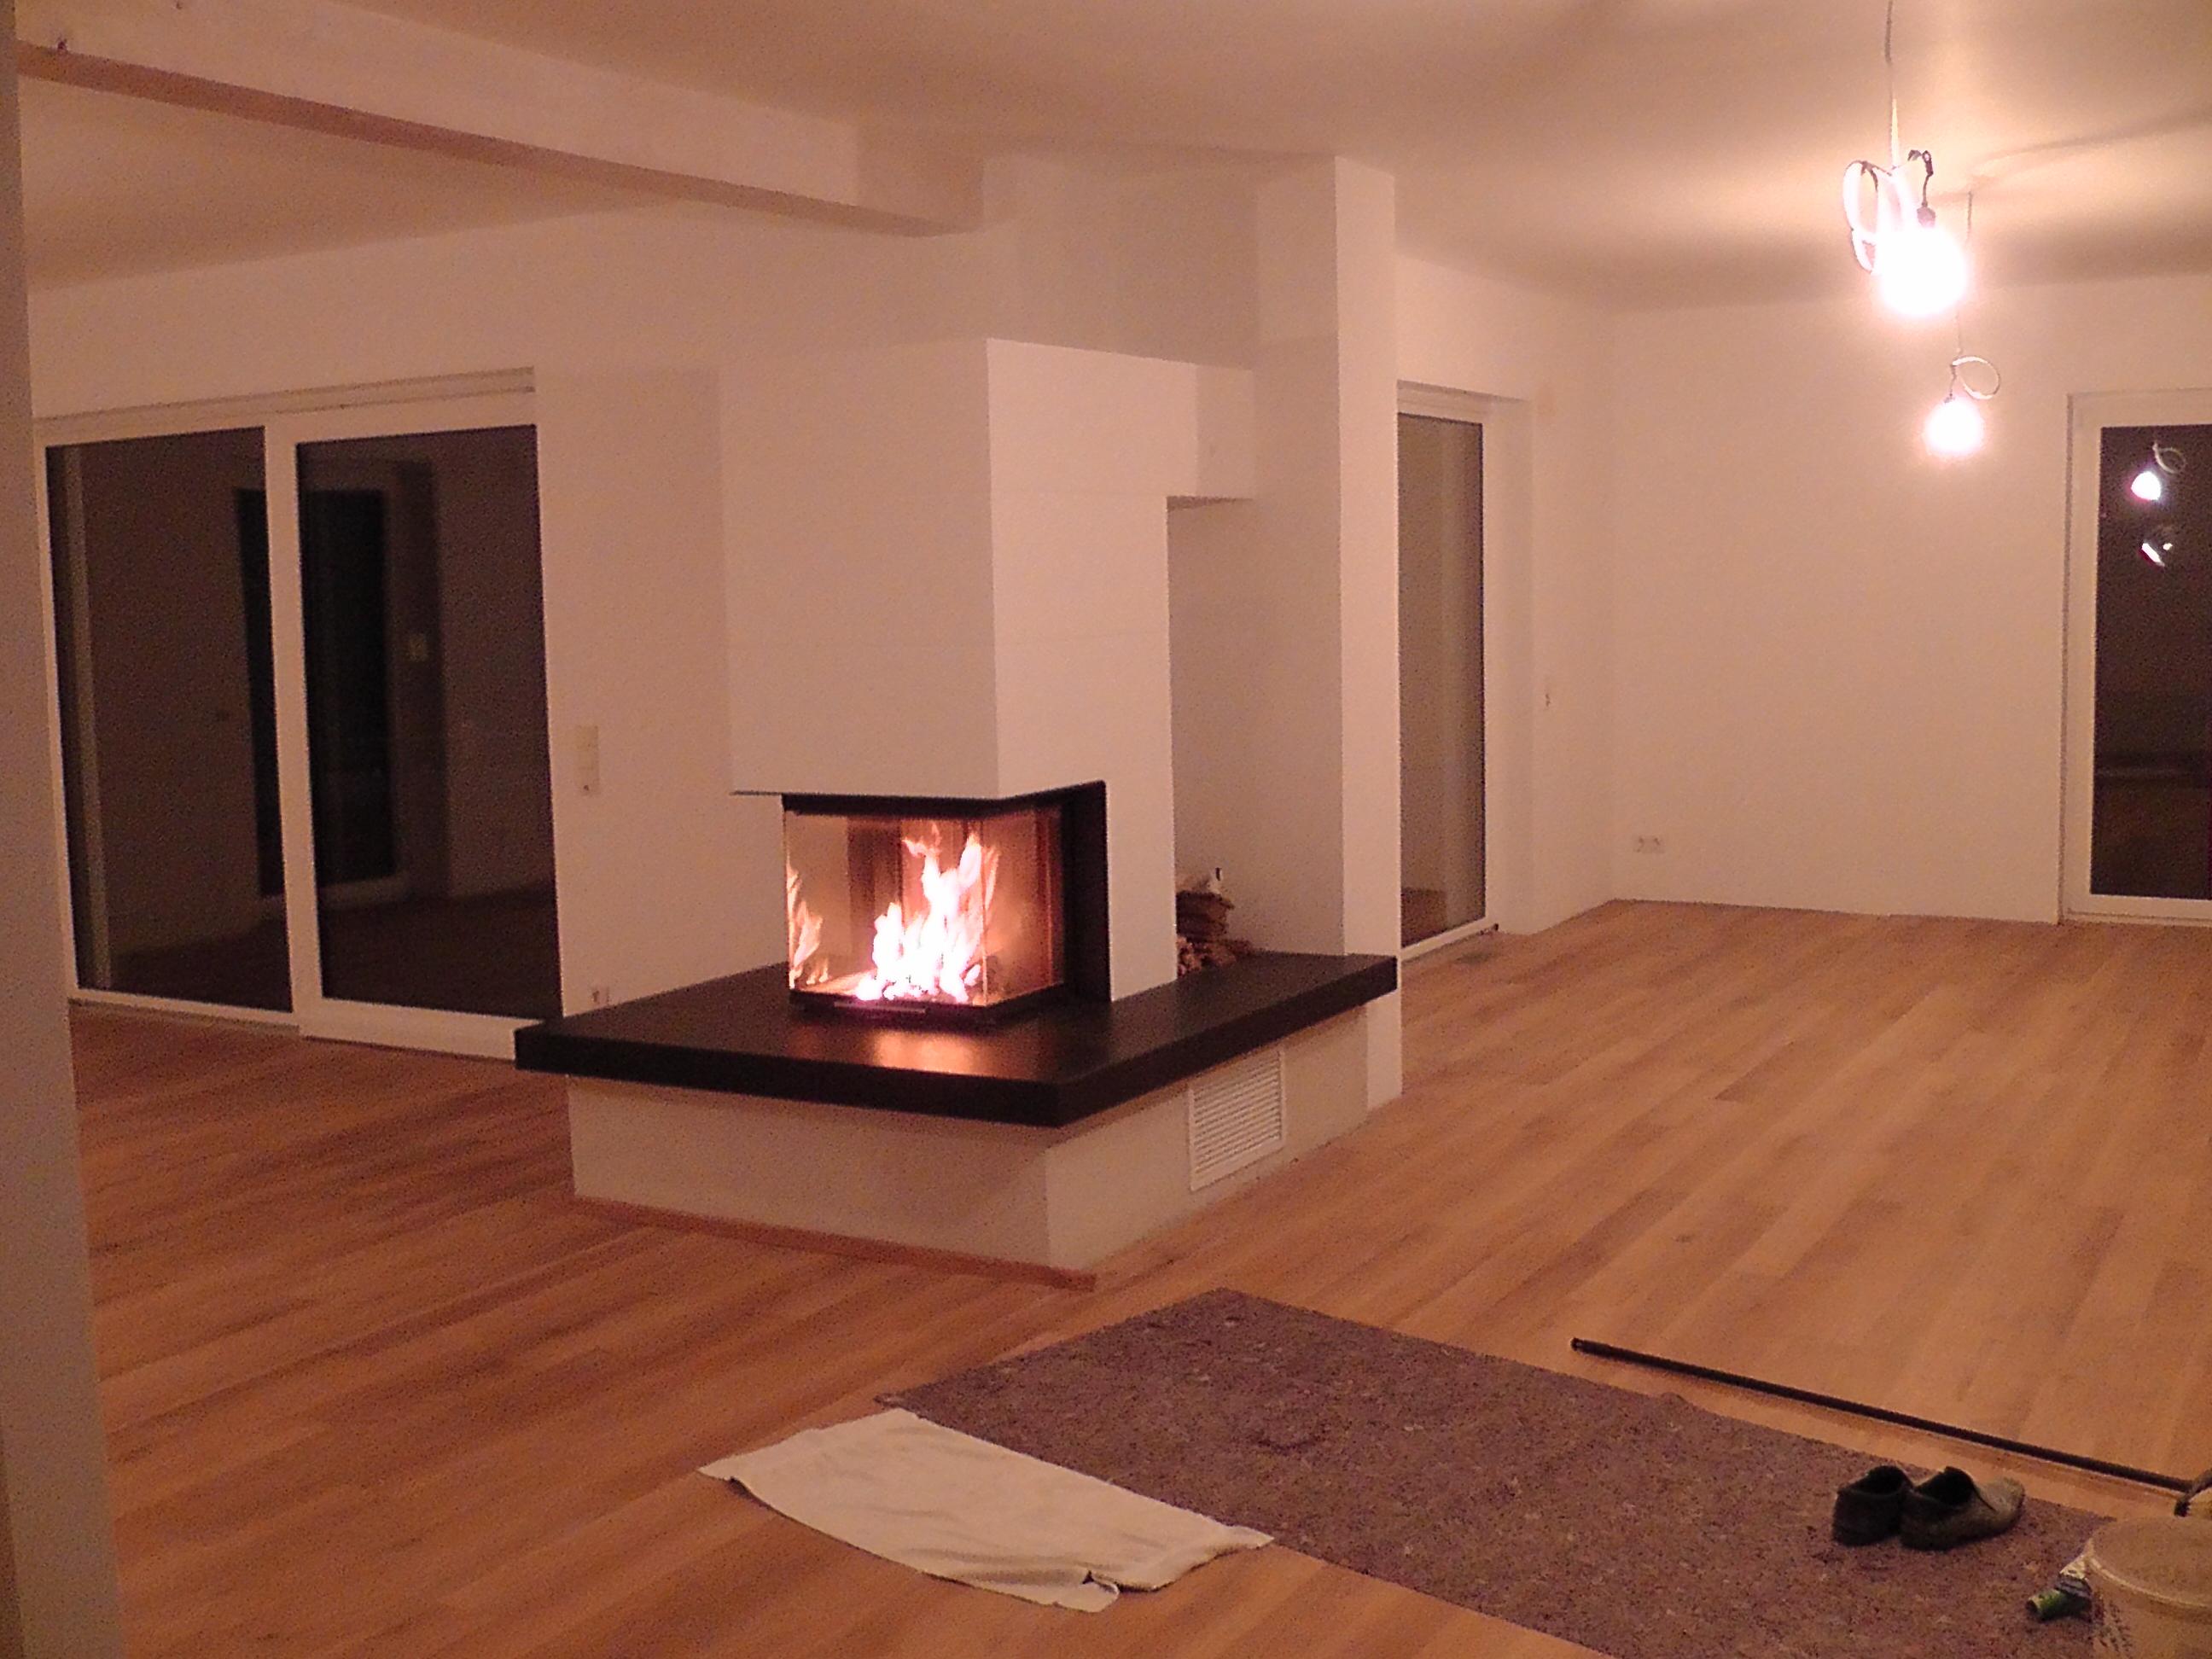 BrunnerSystemKamin 05 mit PanoramaKamin 57/40/60/40 mit Holzfach an Granit-Feuertisch; 09.2016